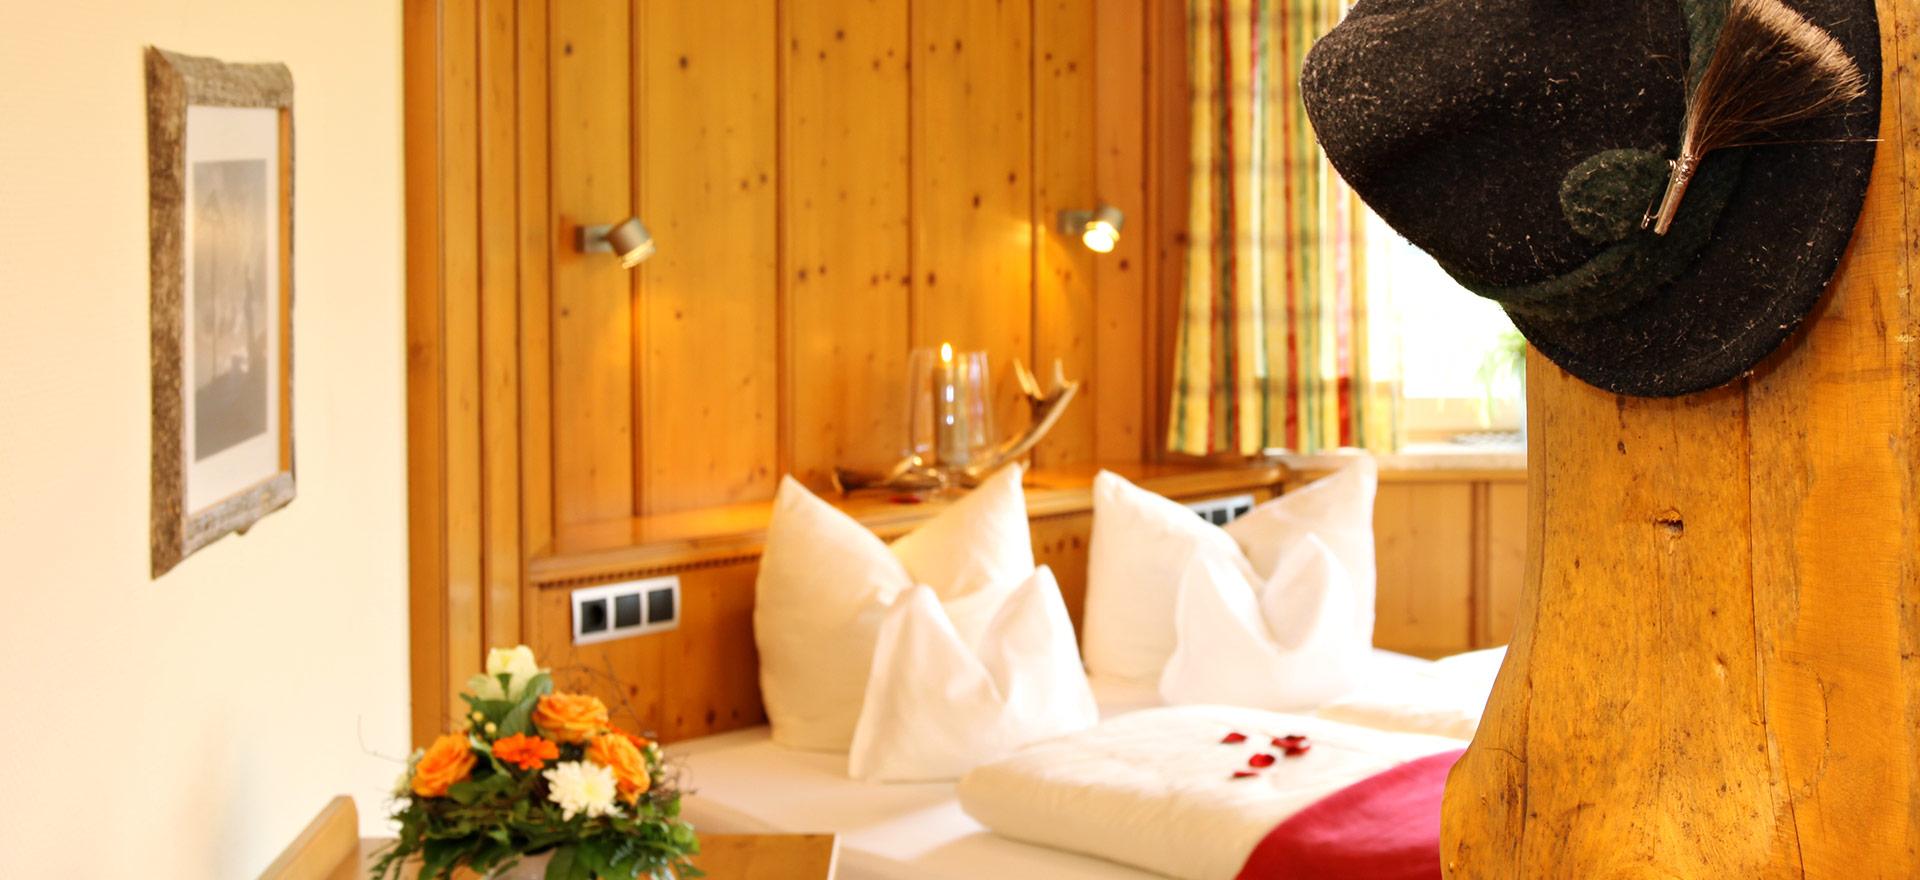 Kontakt zum Alphorn - Landhotel mit Weitblick